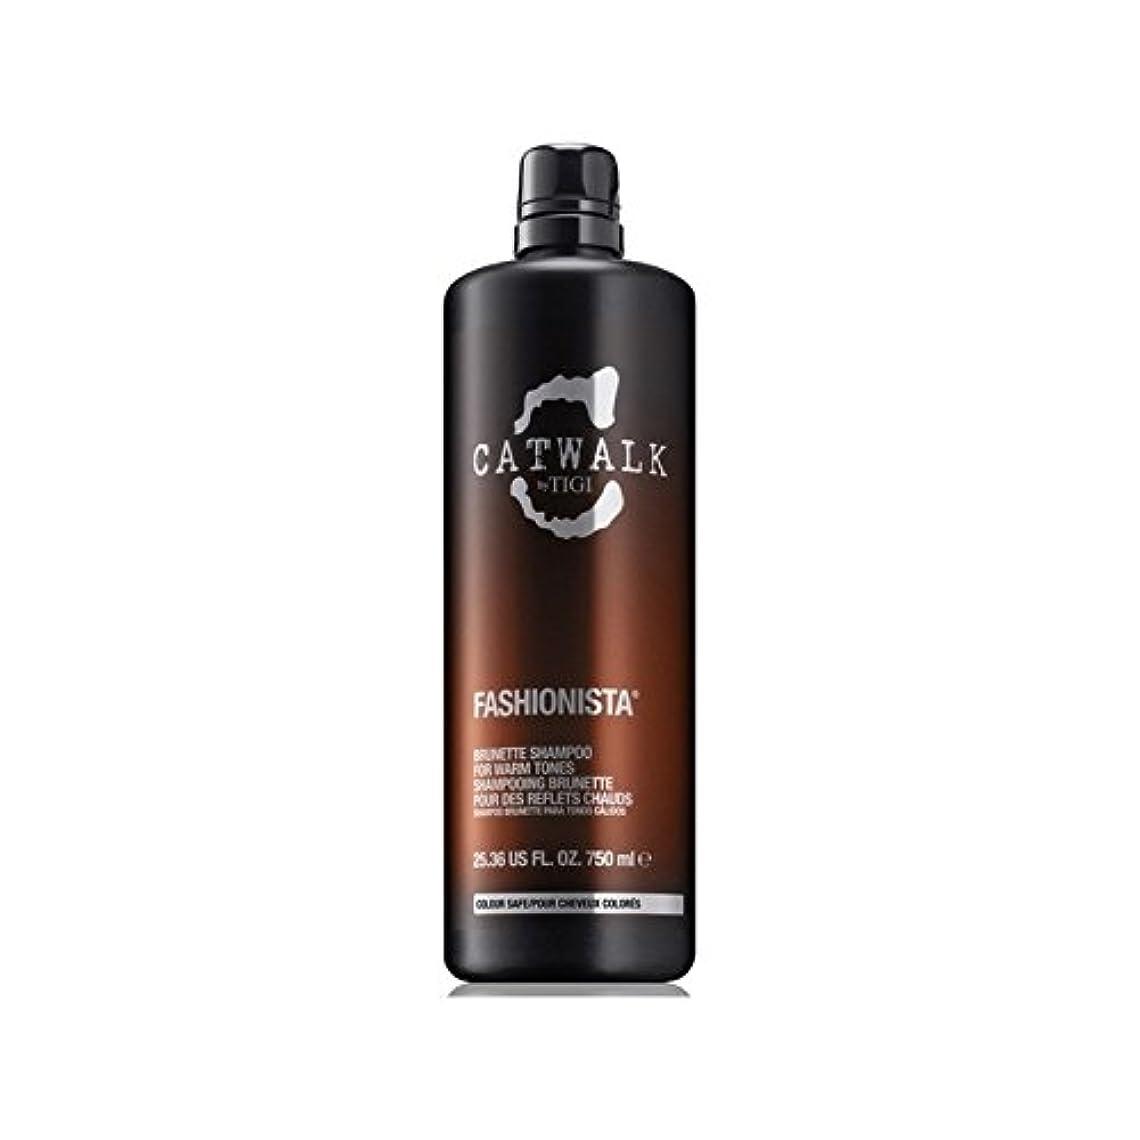 番目開発式ティジーキャットウォークファッショニスタのブルネットのシャンプー(750ミリリットル) x2 - Tigi Catwalk Fashionista Brunette Shampoo (750ml) (Pack of 2) [並行輸入品]